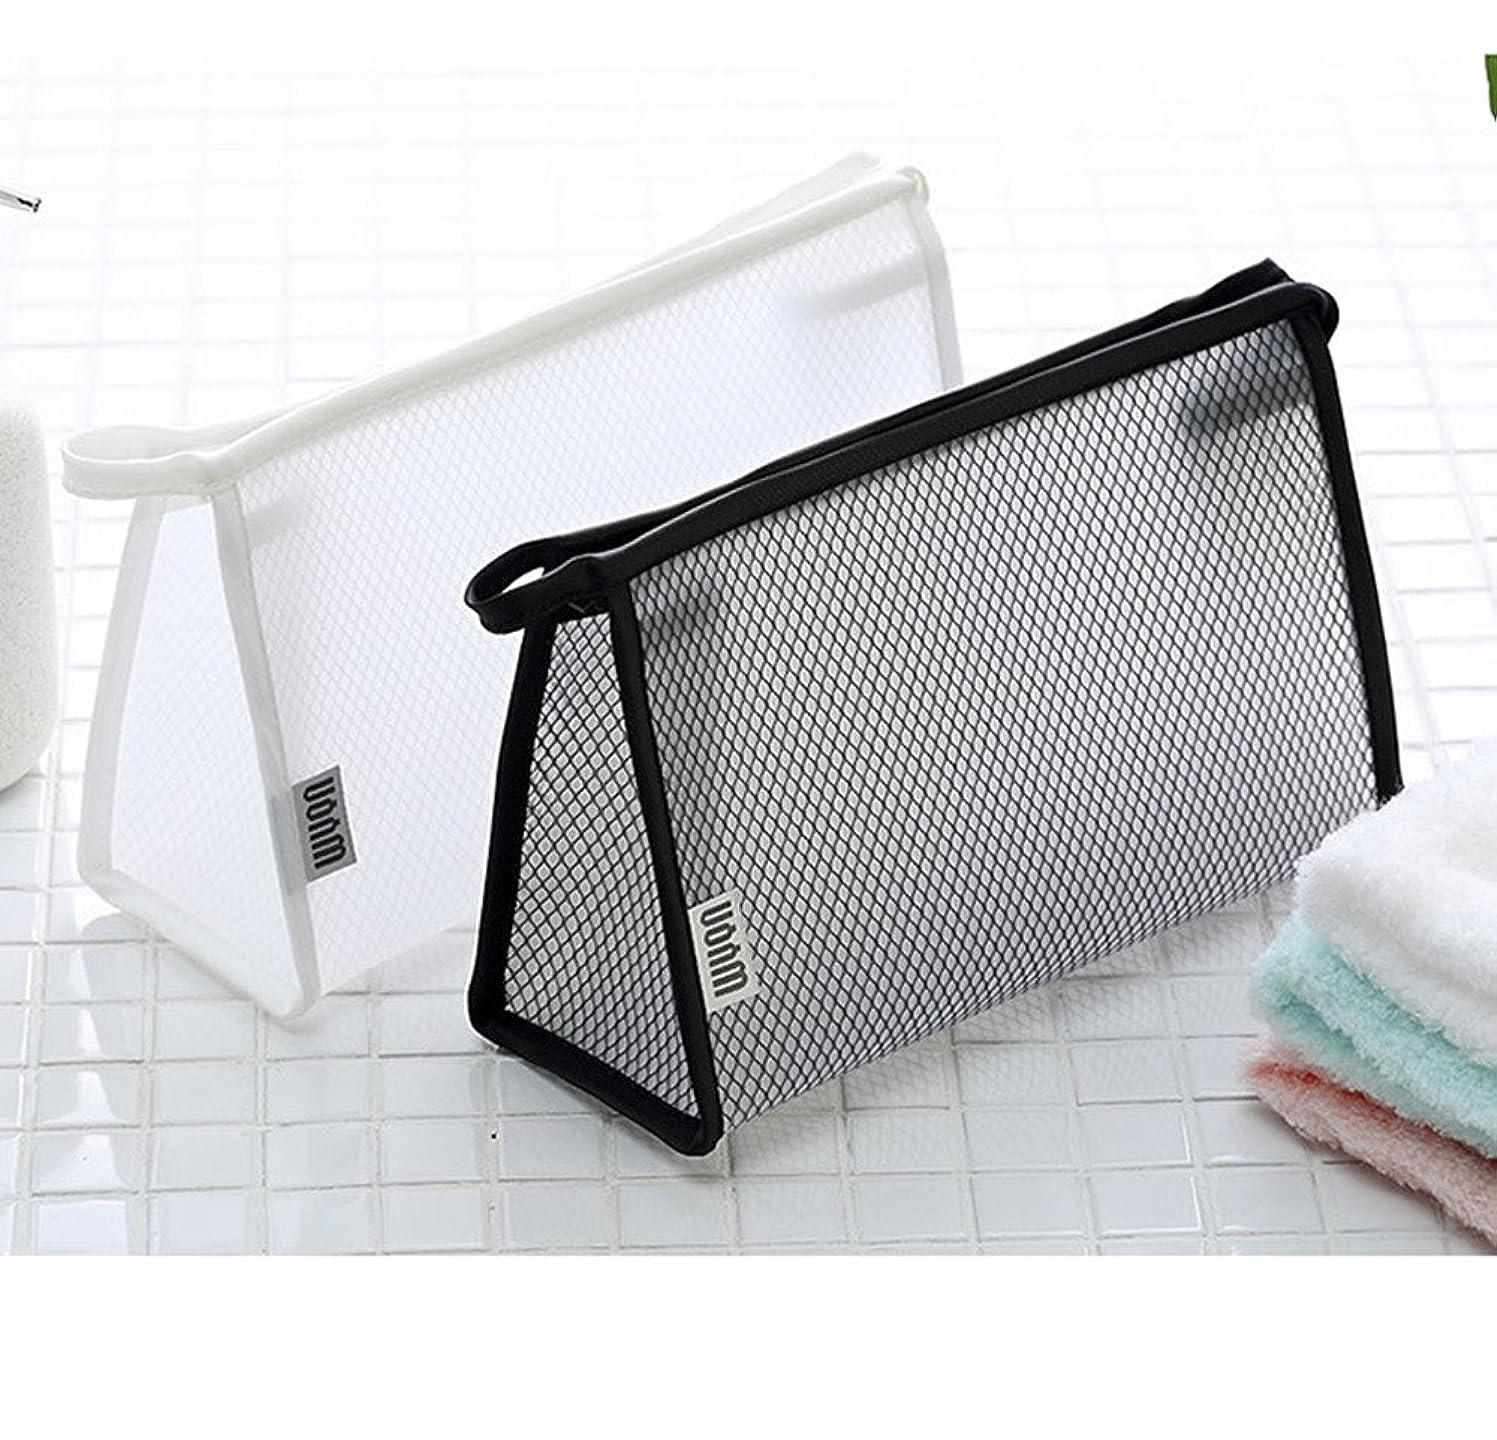 指メモ反対に透明 ビニール バッグ スクエア 化粧 ポーチ 小物収納 透明洗面具トラベル防水収納ポーチ バッグ 収納ケース 两件套 2点セット